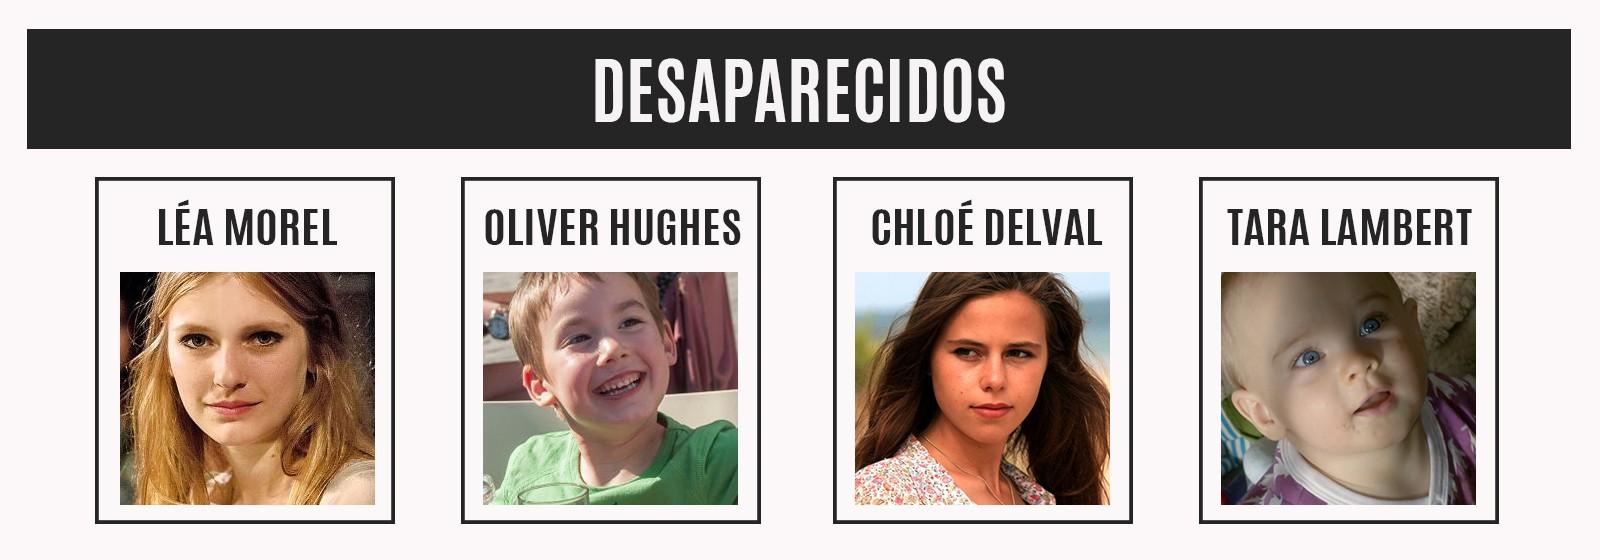 Crianças Desaparecidas